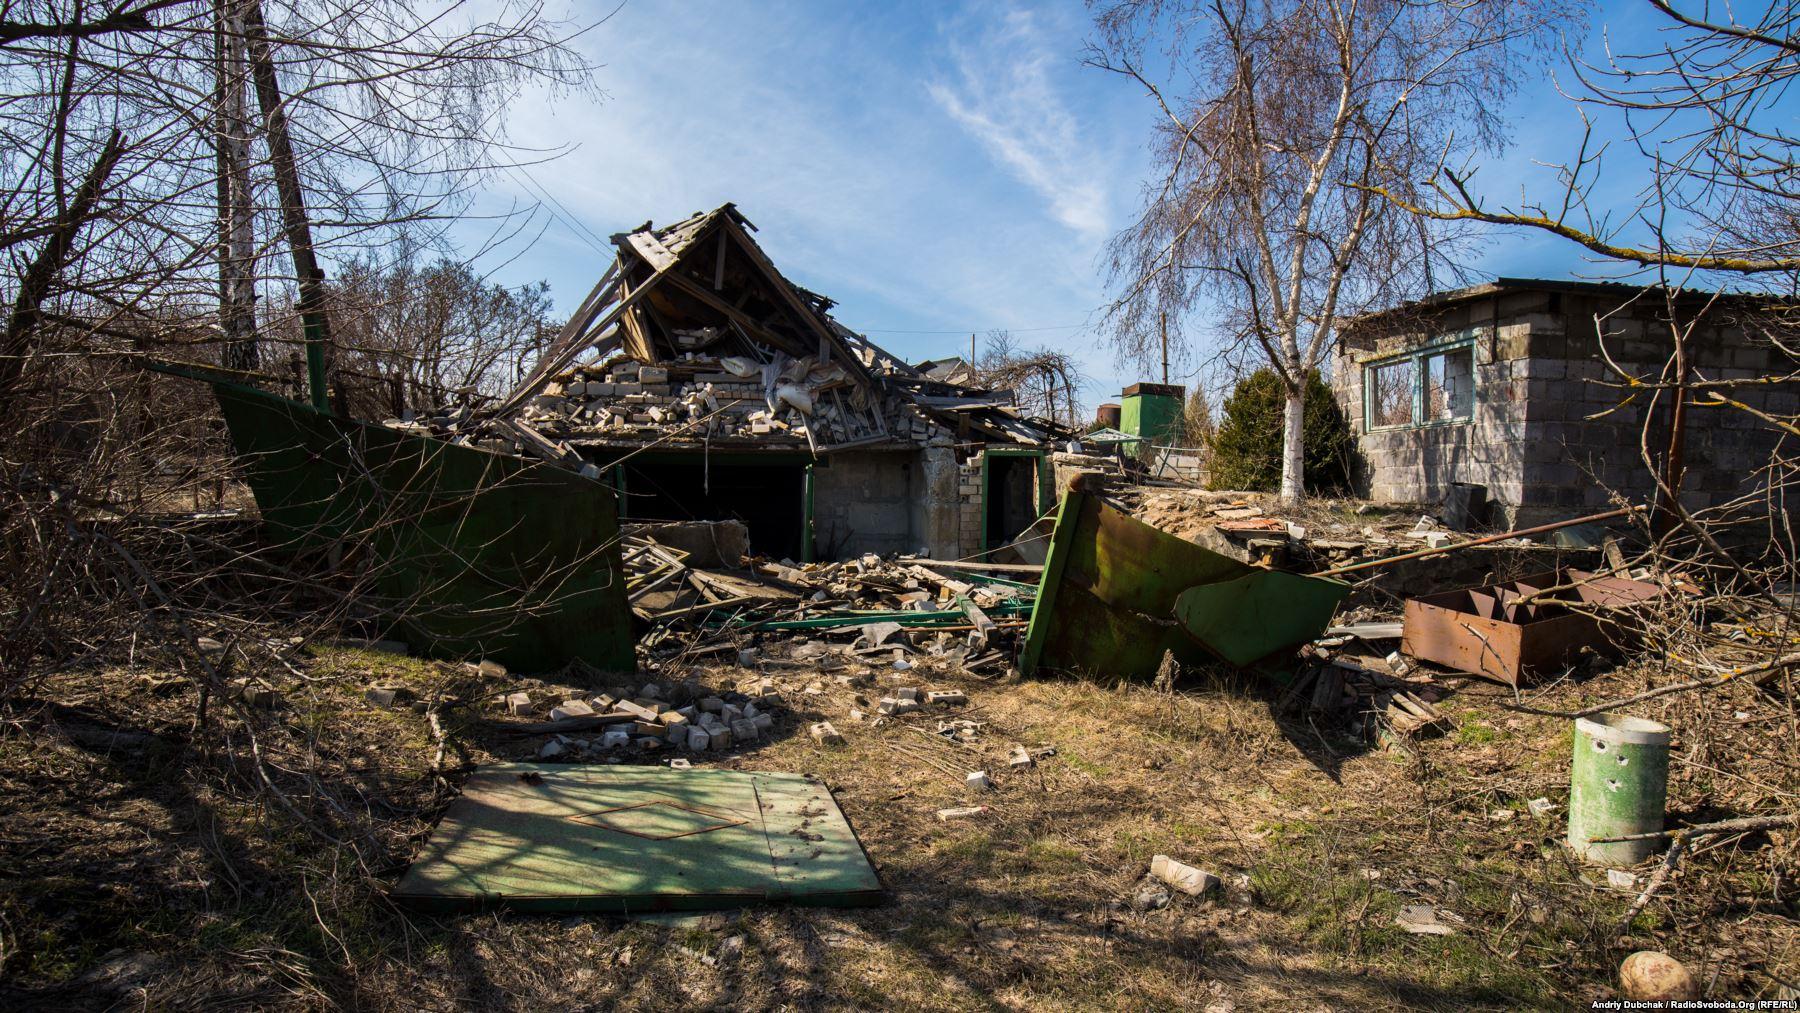 Ще один зруйнований будинок. Всередину краще не йти, може бути ще й заміновано